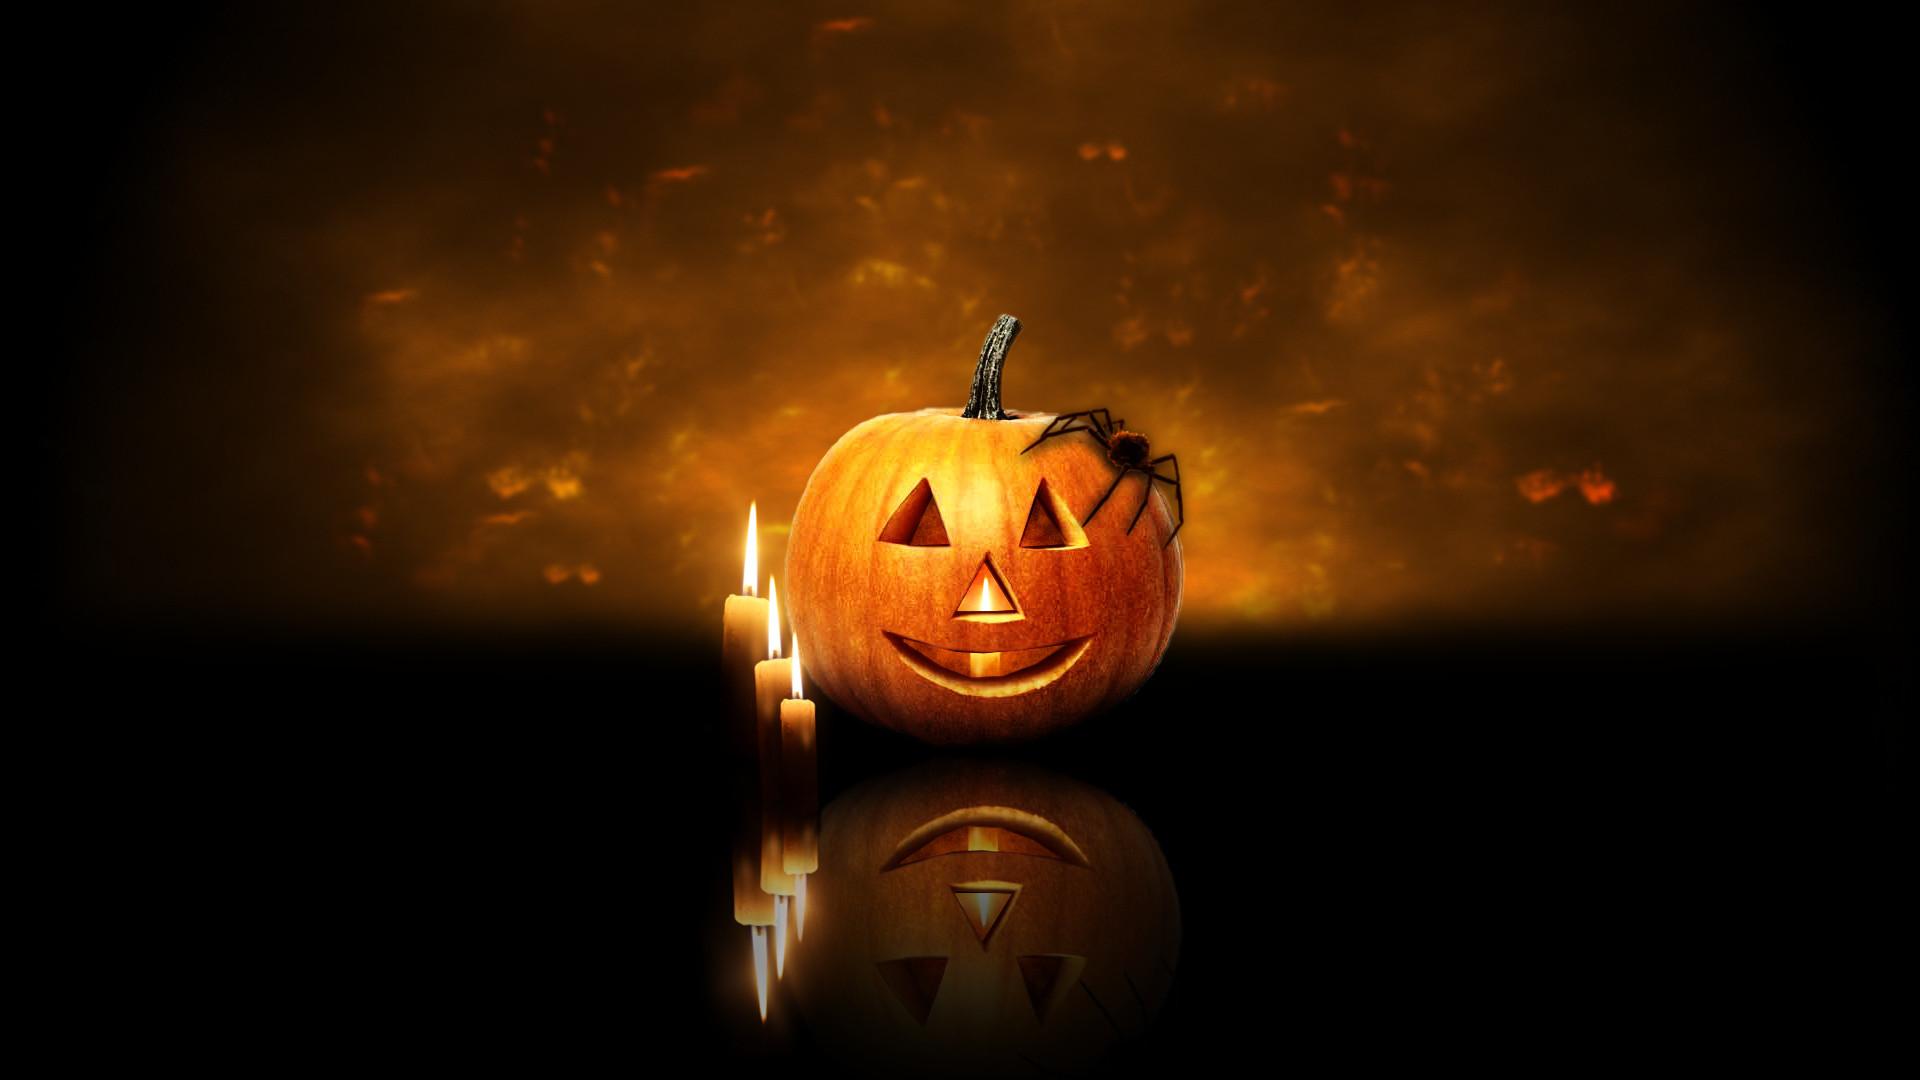 Halloween Desktop Wallpapers Free Download | HD Wallpapers | Pinterest |  Wallpaper free download and Wallpaper